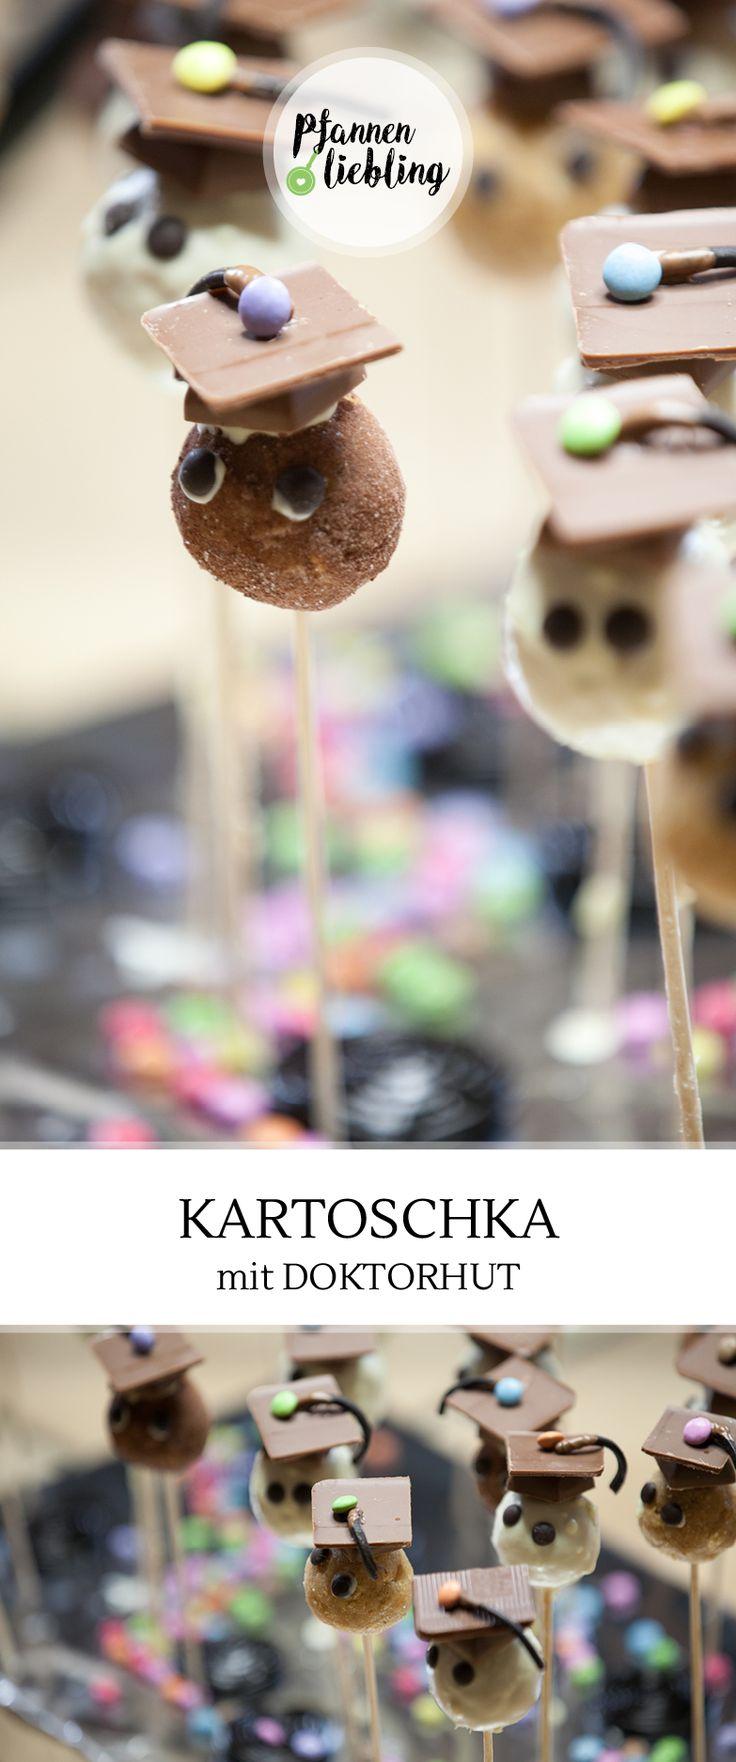 #Kartoschka – ist eine russische Süßspeise, die mit zu meiner (Alwina) Lieblingsnachspeise zählt. Keine Feier ohne Kartoschka :). Kartoschka bedeute auf russisch Kartoffel, und da das Aussehen dieser Süßspeise an eine Kartoffel erinnert, gab man dieser Nachspeise den Namen.